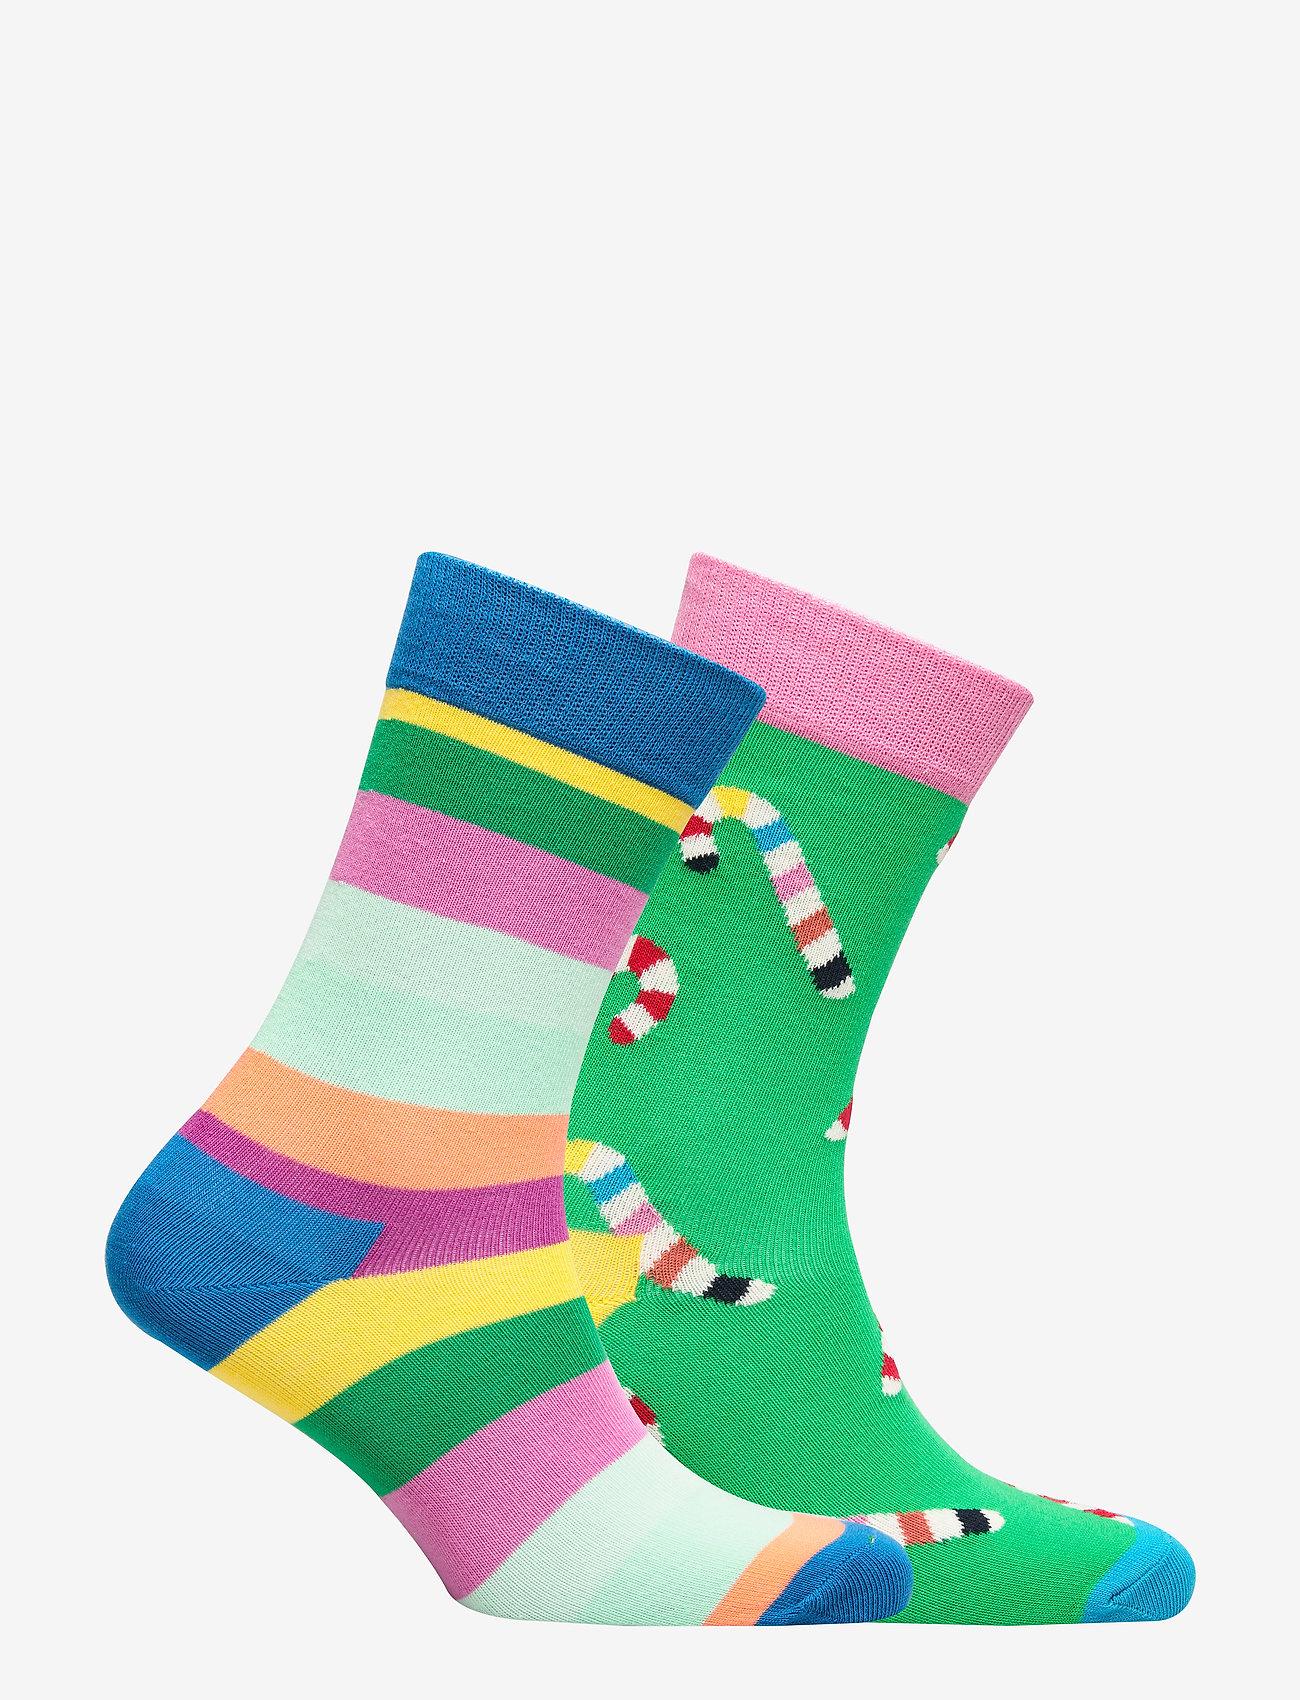 Happy Socks Christmas Cracker Candy Cane Gift Box - Sokker GREEN - Menn Klær